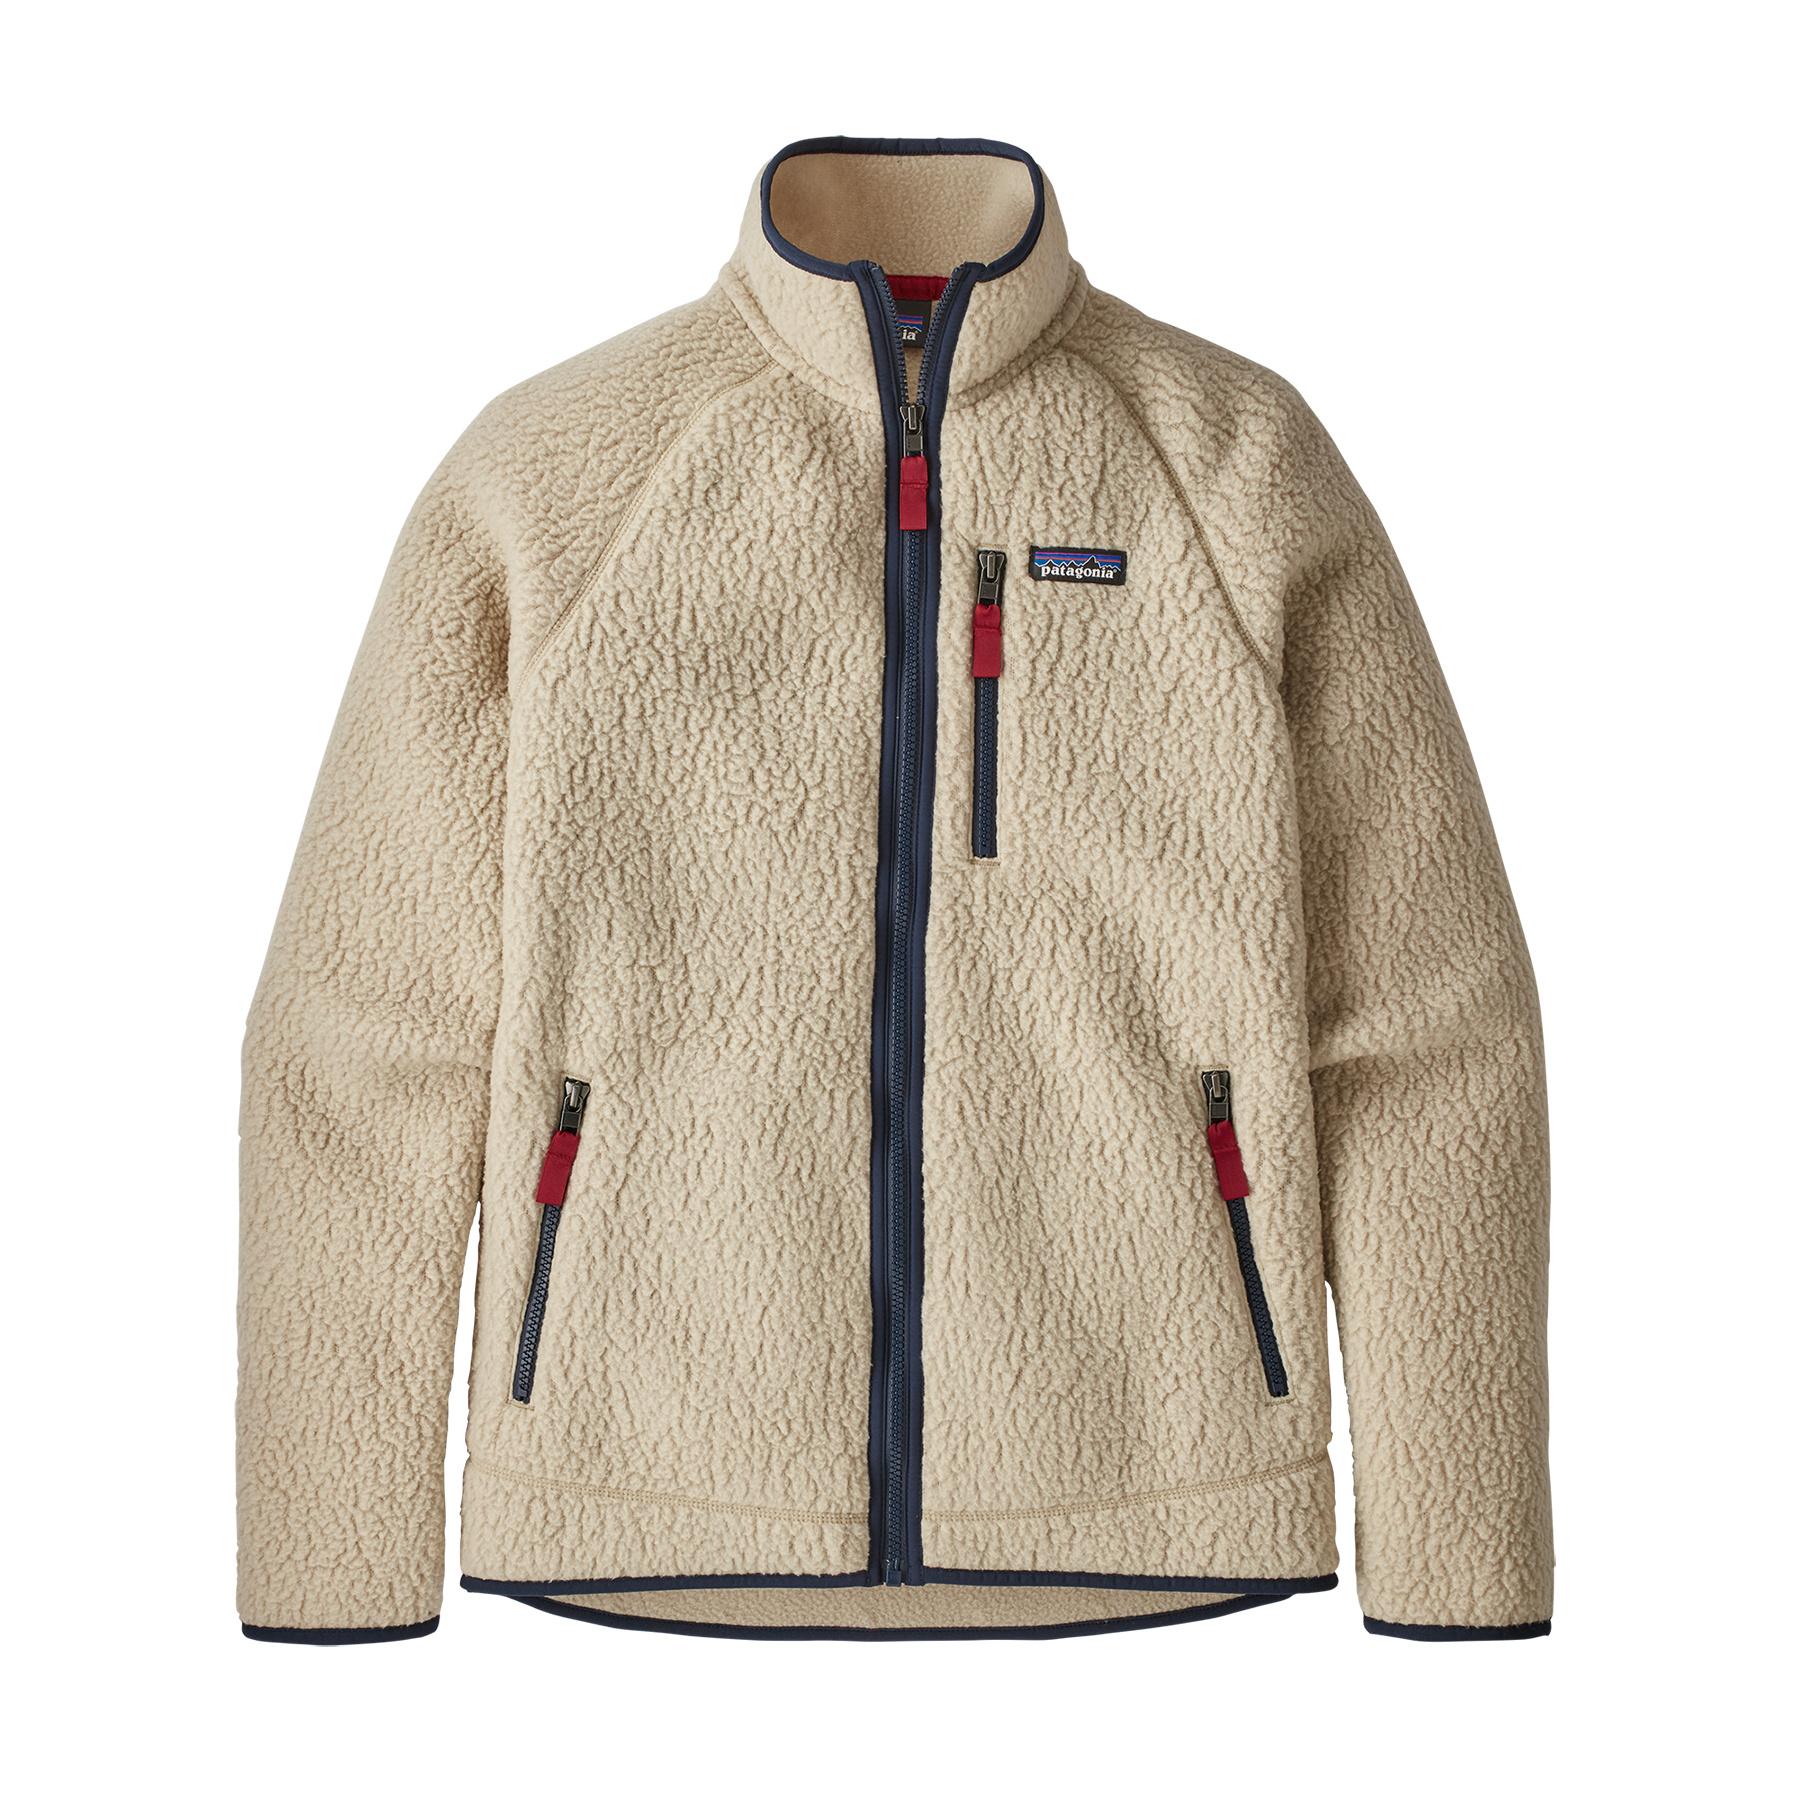 Patagonia Mens Retro Pile Fleece Jacket Khaki